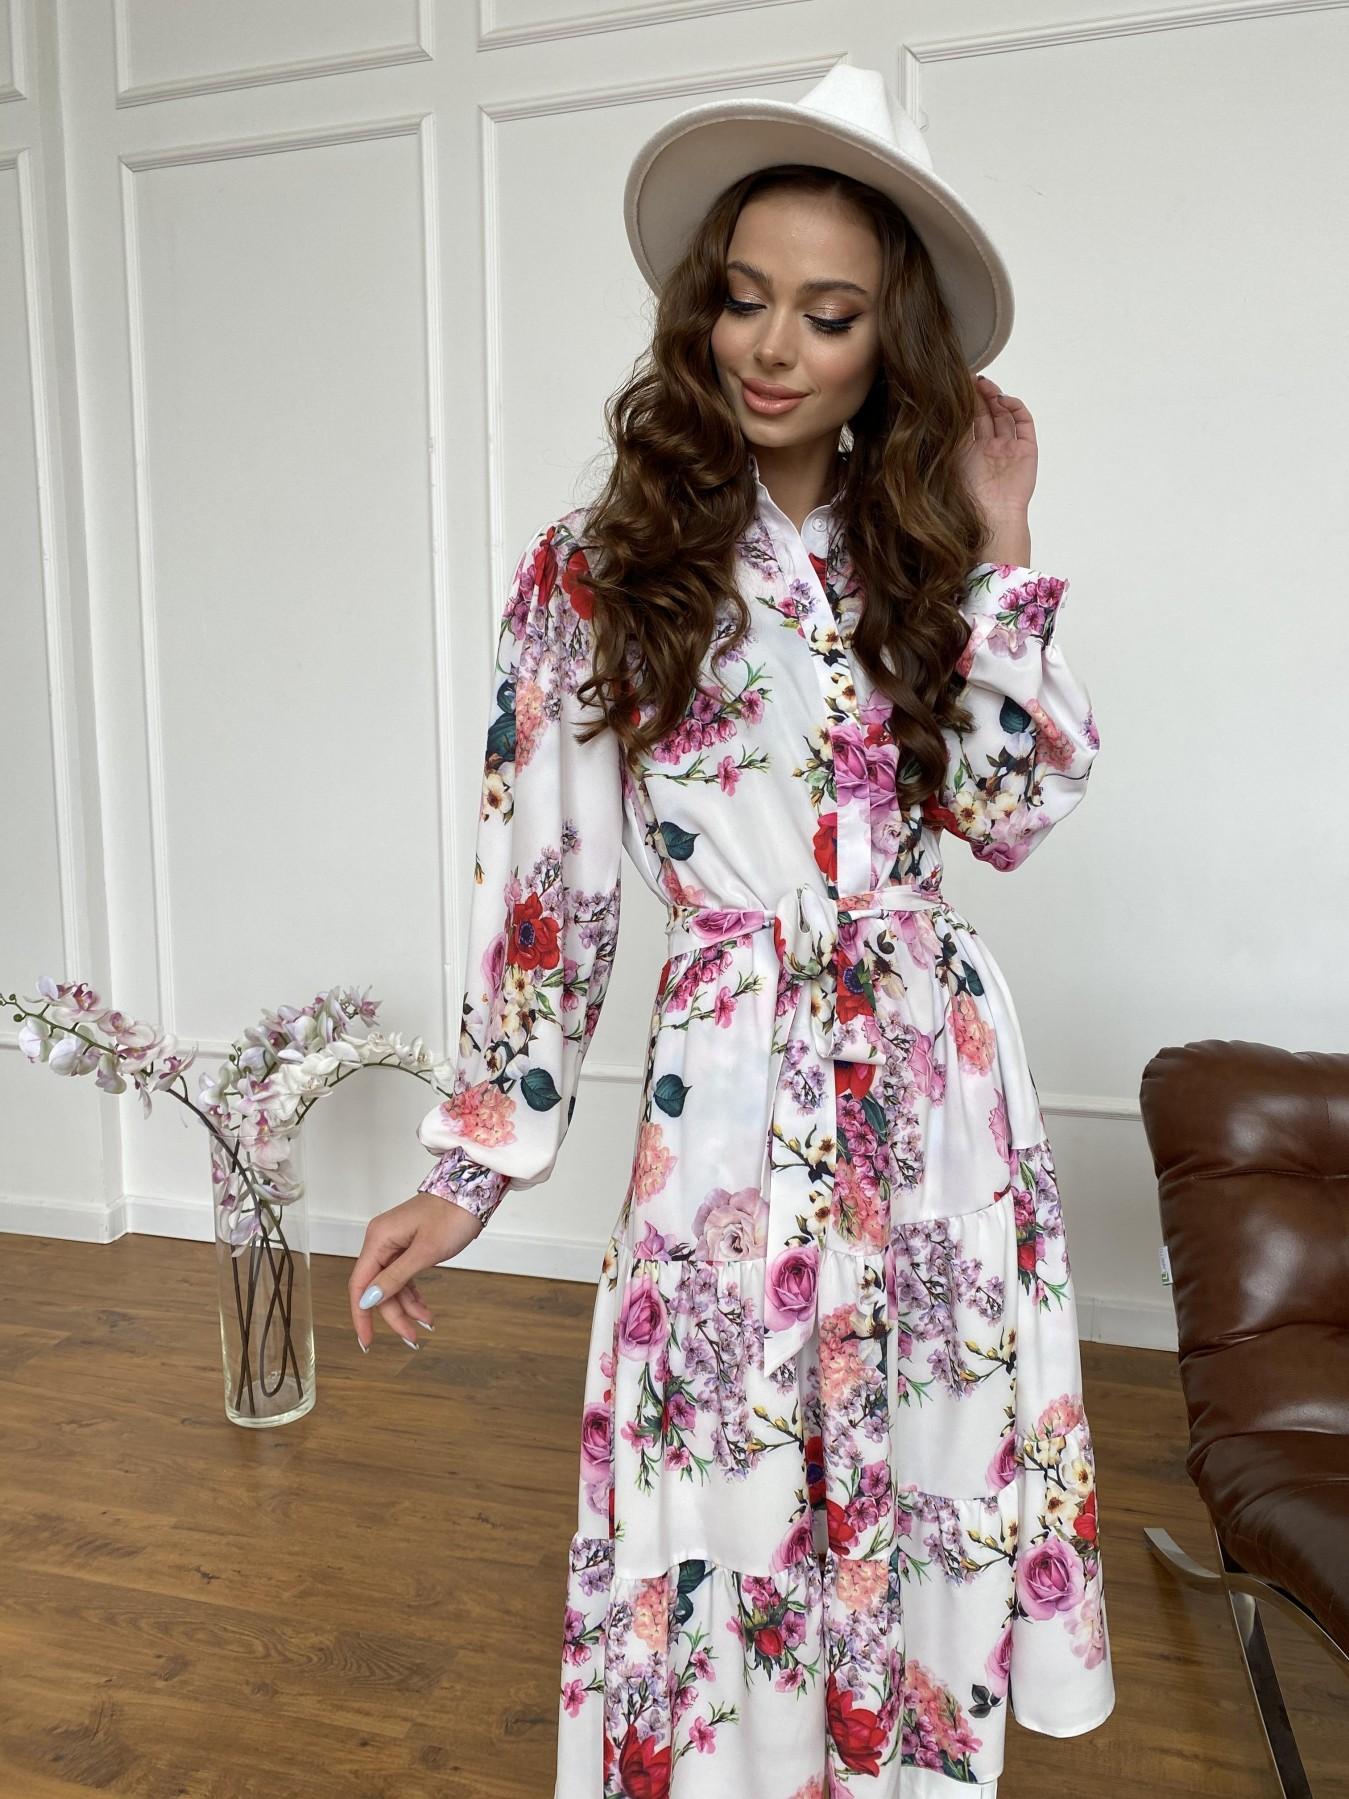 Лилия платье  софт принт бистрейч 11171 АРТ. 47709 Цвет: ВесенБукетМол/Роз/Крас - фото 1, интернет магазин tm-modus.ru